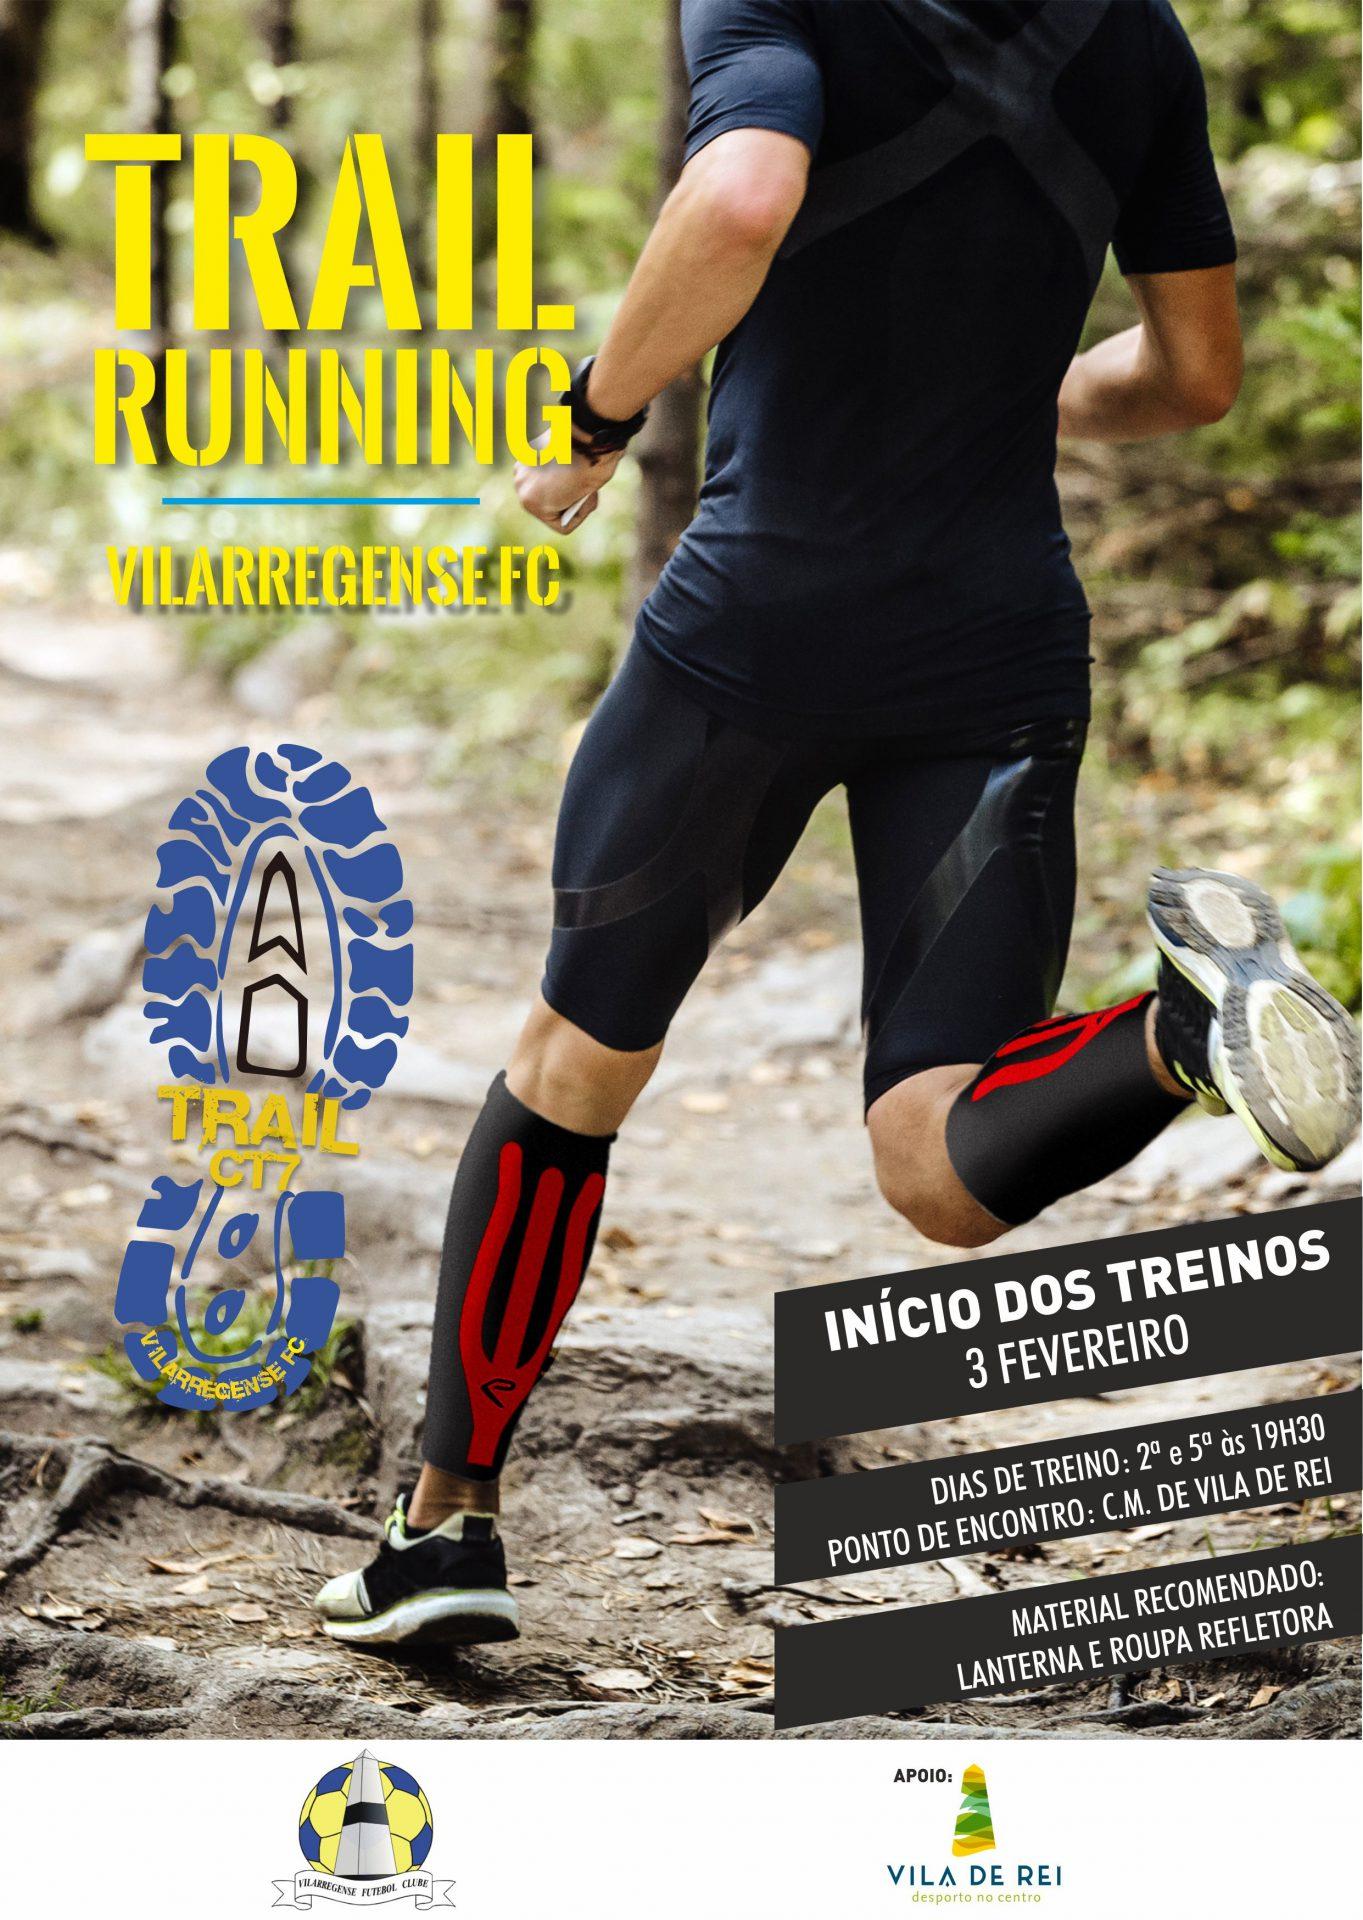 Vilarregense FC inicia treinos de Trail Running